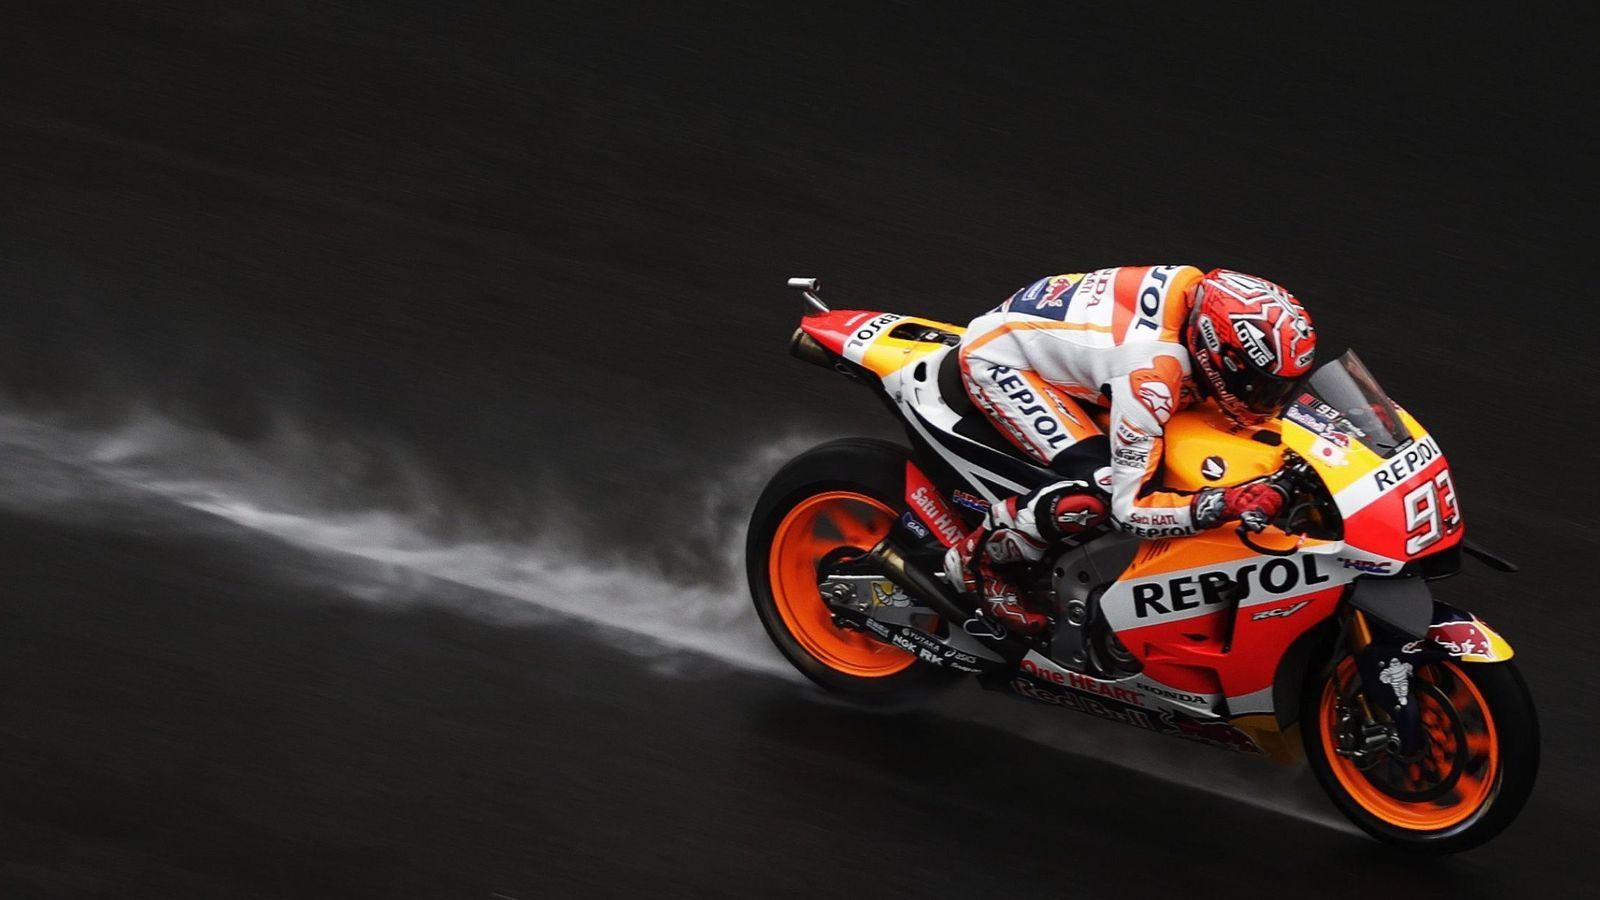 Foto: Marc Márquez, durante una sesión de entrenamientos en el Gran Premio de Malasia. (EFE)